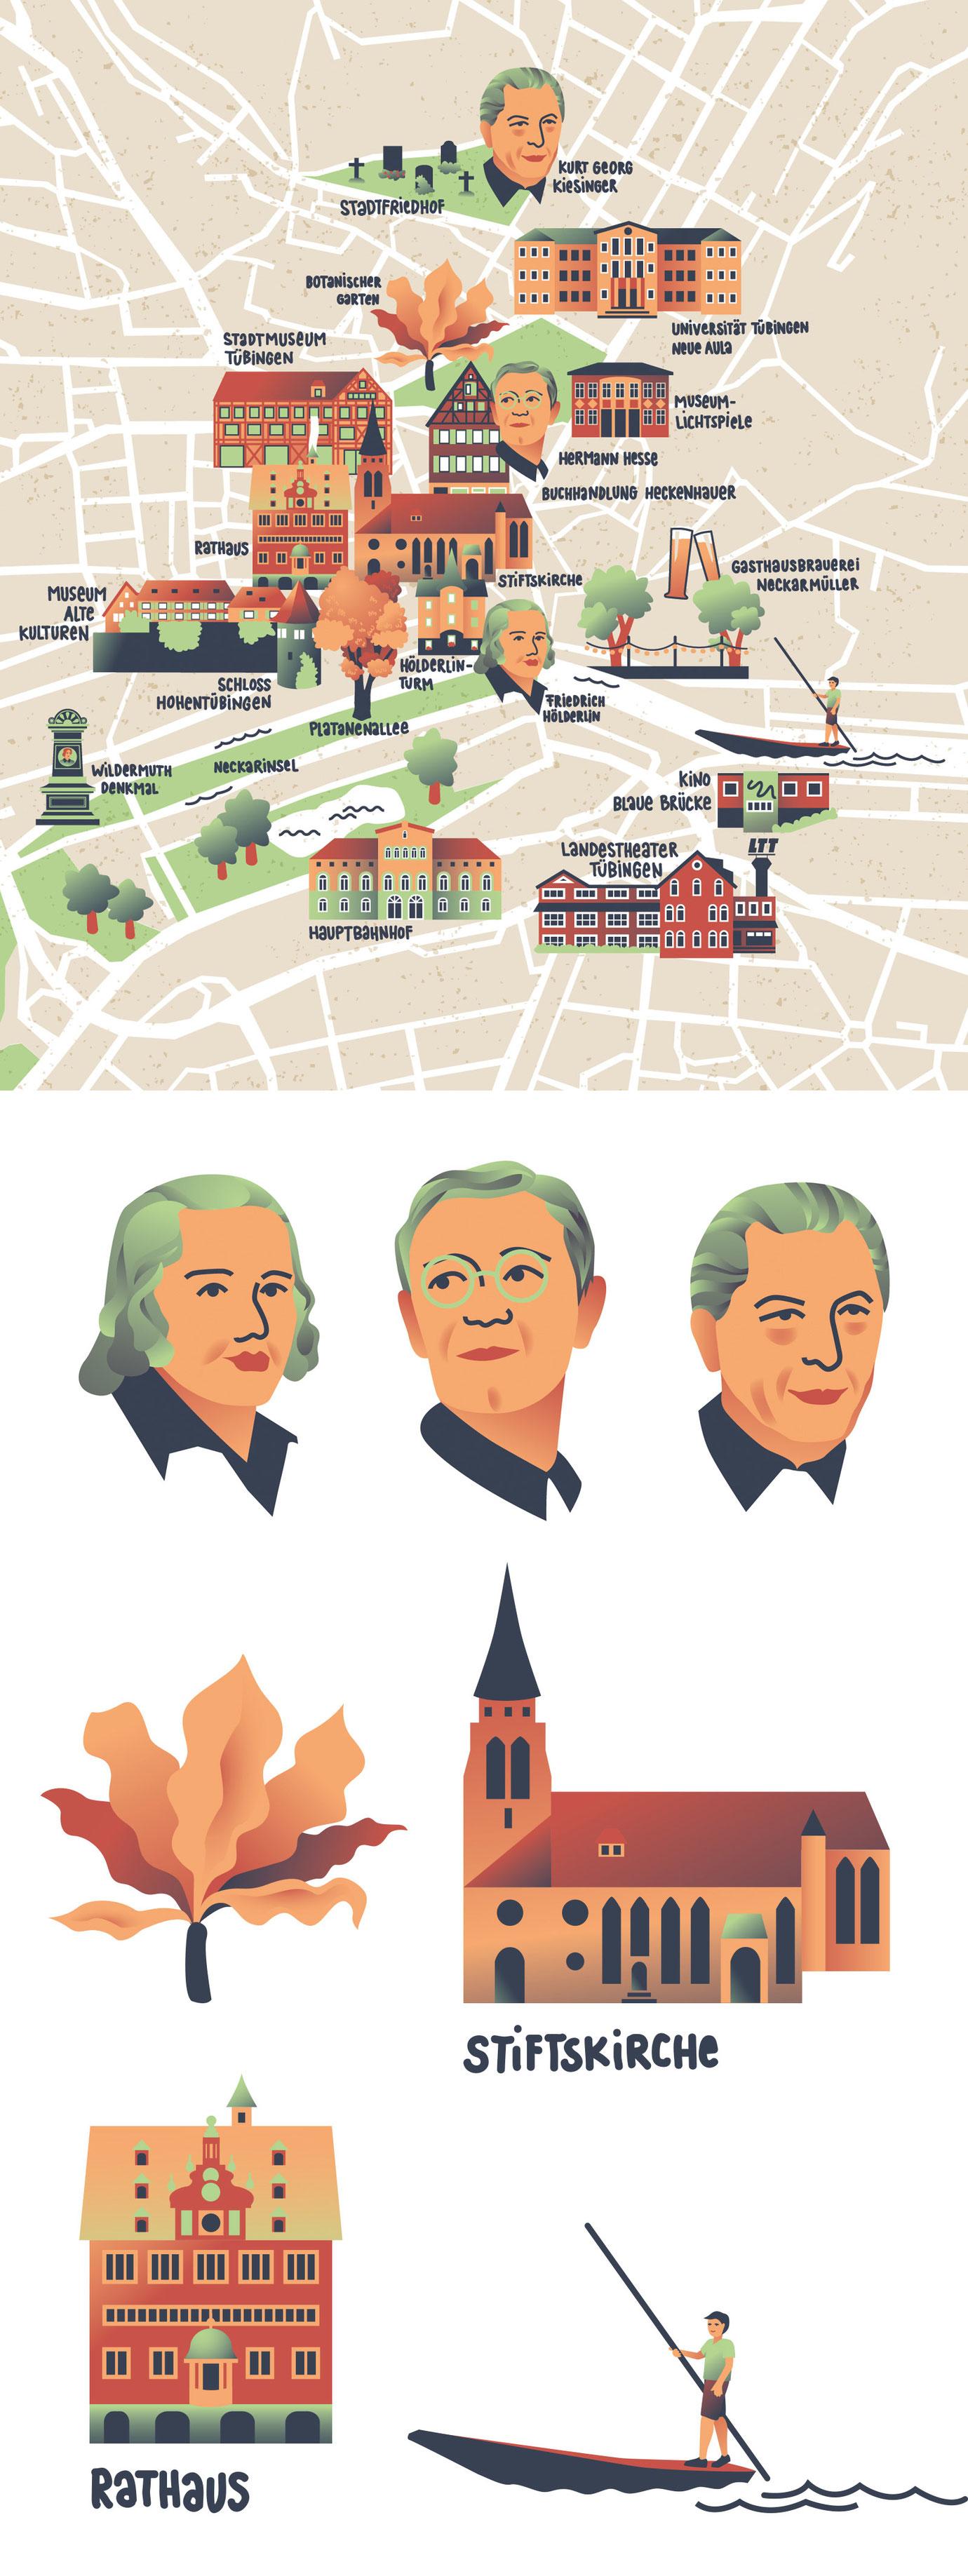 City Map Illustration von der Stadt Tübingen mit Sehenswürdigkeiten und Berühmten Persönlichkeiten. Marina Schilling.